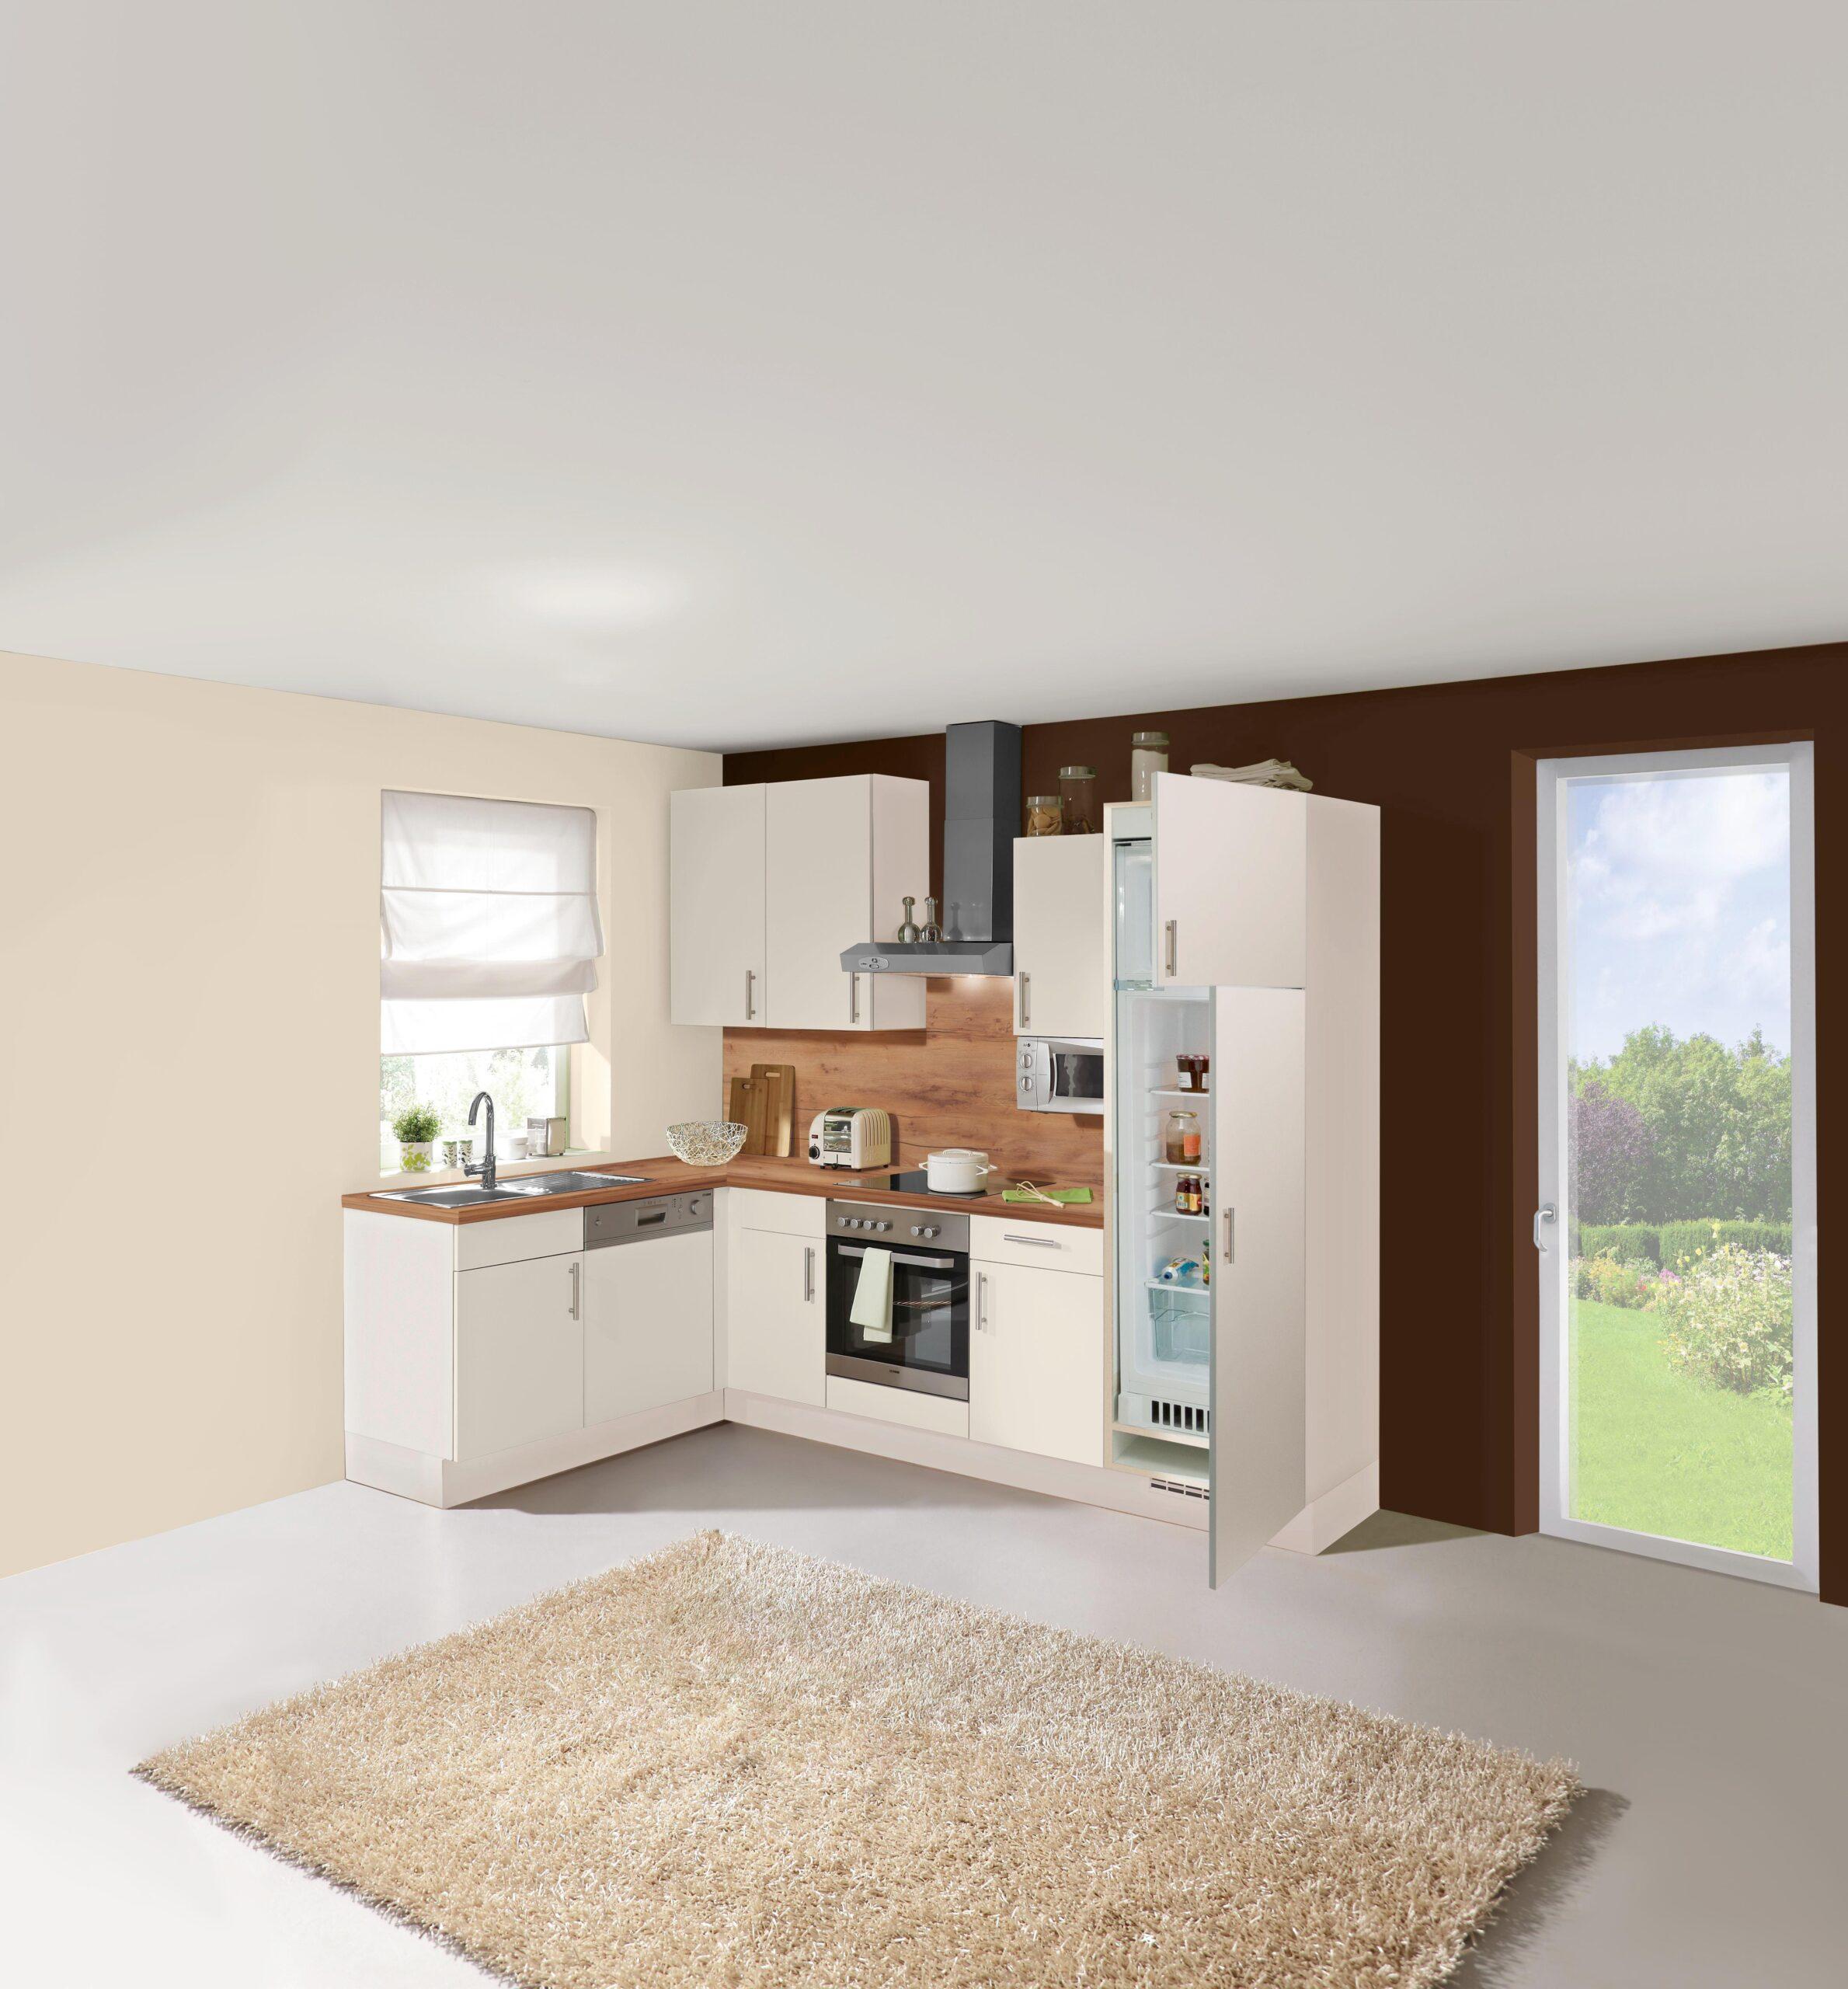 Full Size of Möbelix Küchen Regal Wohnzimmer Möbelix Küchen